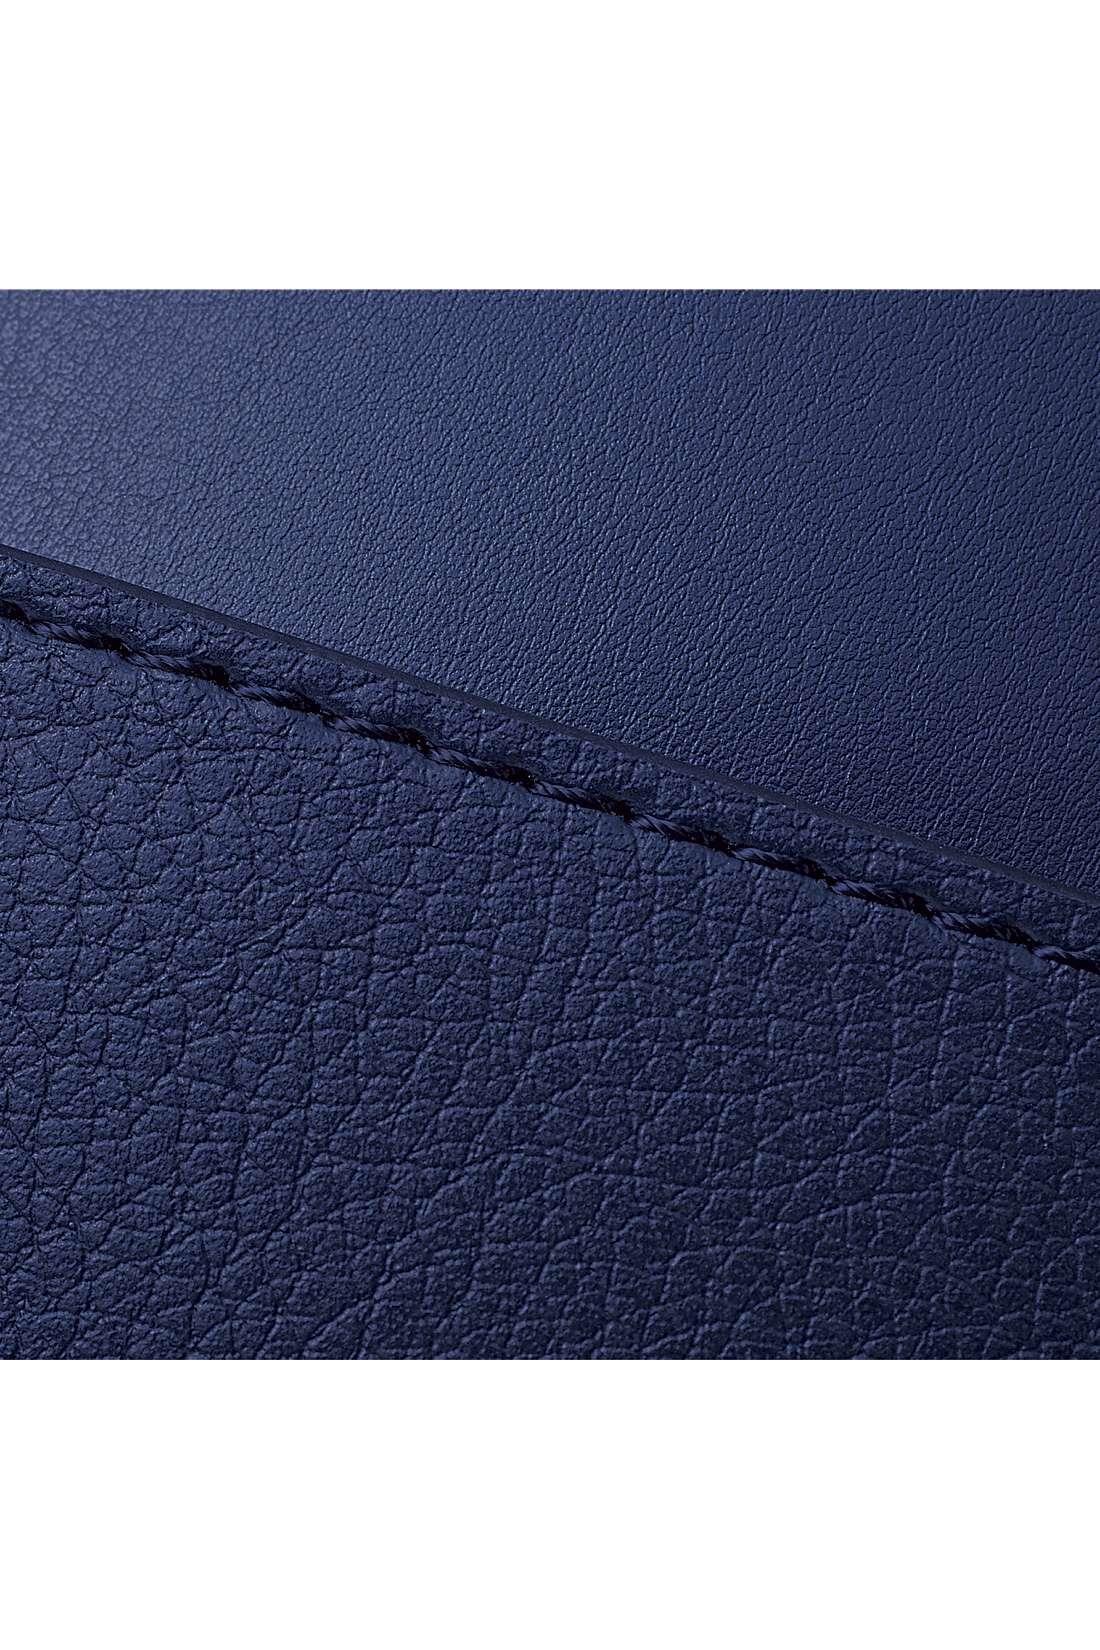 美しい一枚革風の本体に、ポケットはシボ感のある裏側を表にしてニュアンスを出しました。